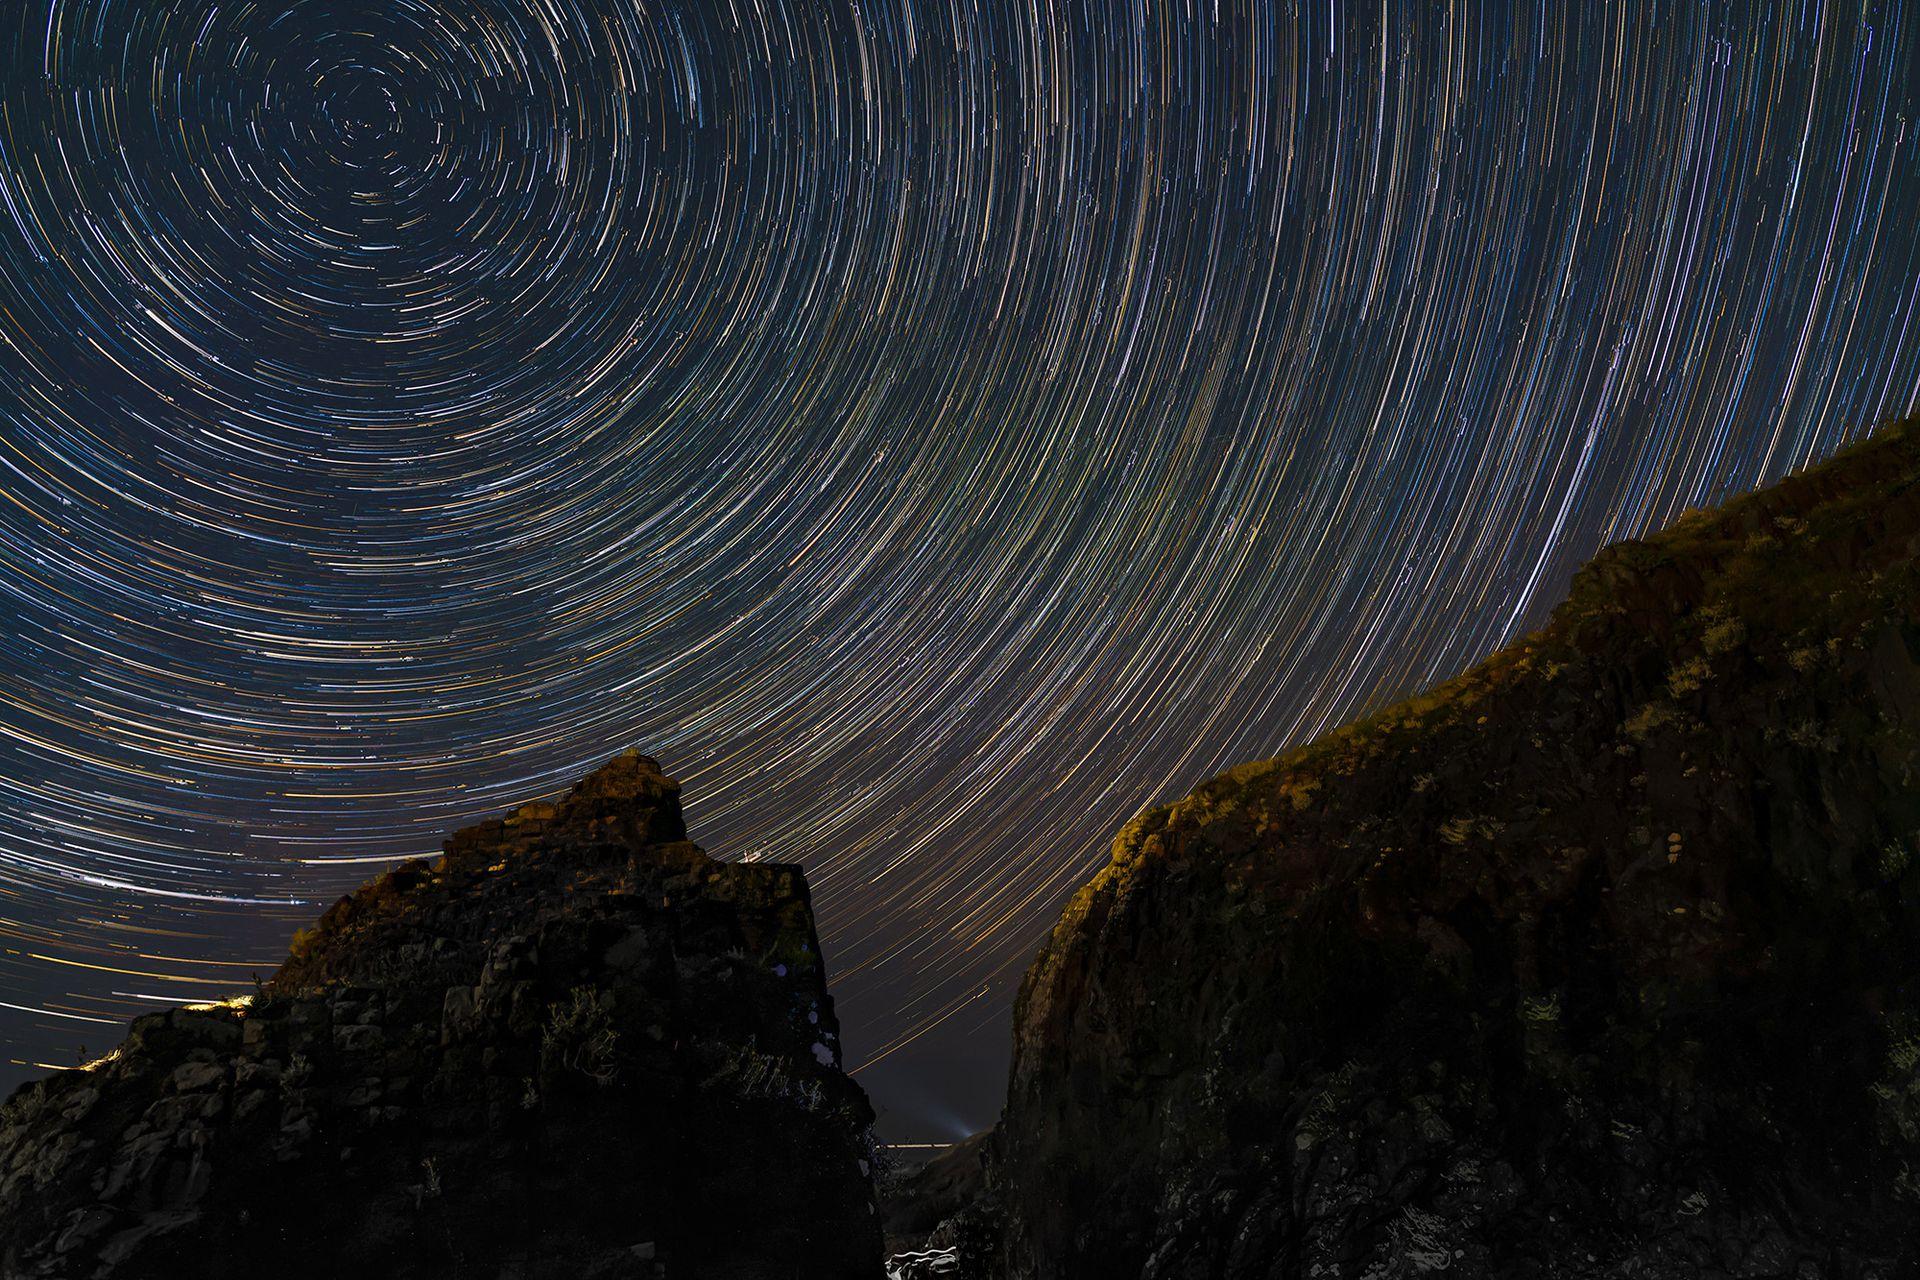 Las fotos que retratan rastros de estrellas llevan un largo rato. En esta se registra el movimiento constante. La imagen esta compuesta por aproximadamente 100 fotos tomadas a lo largo de una hora y luego unidas.